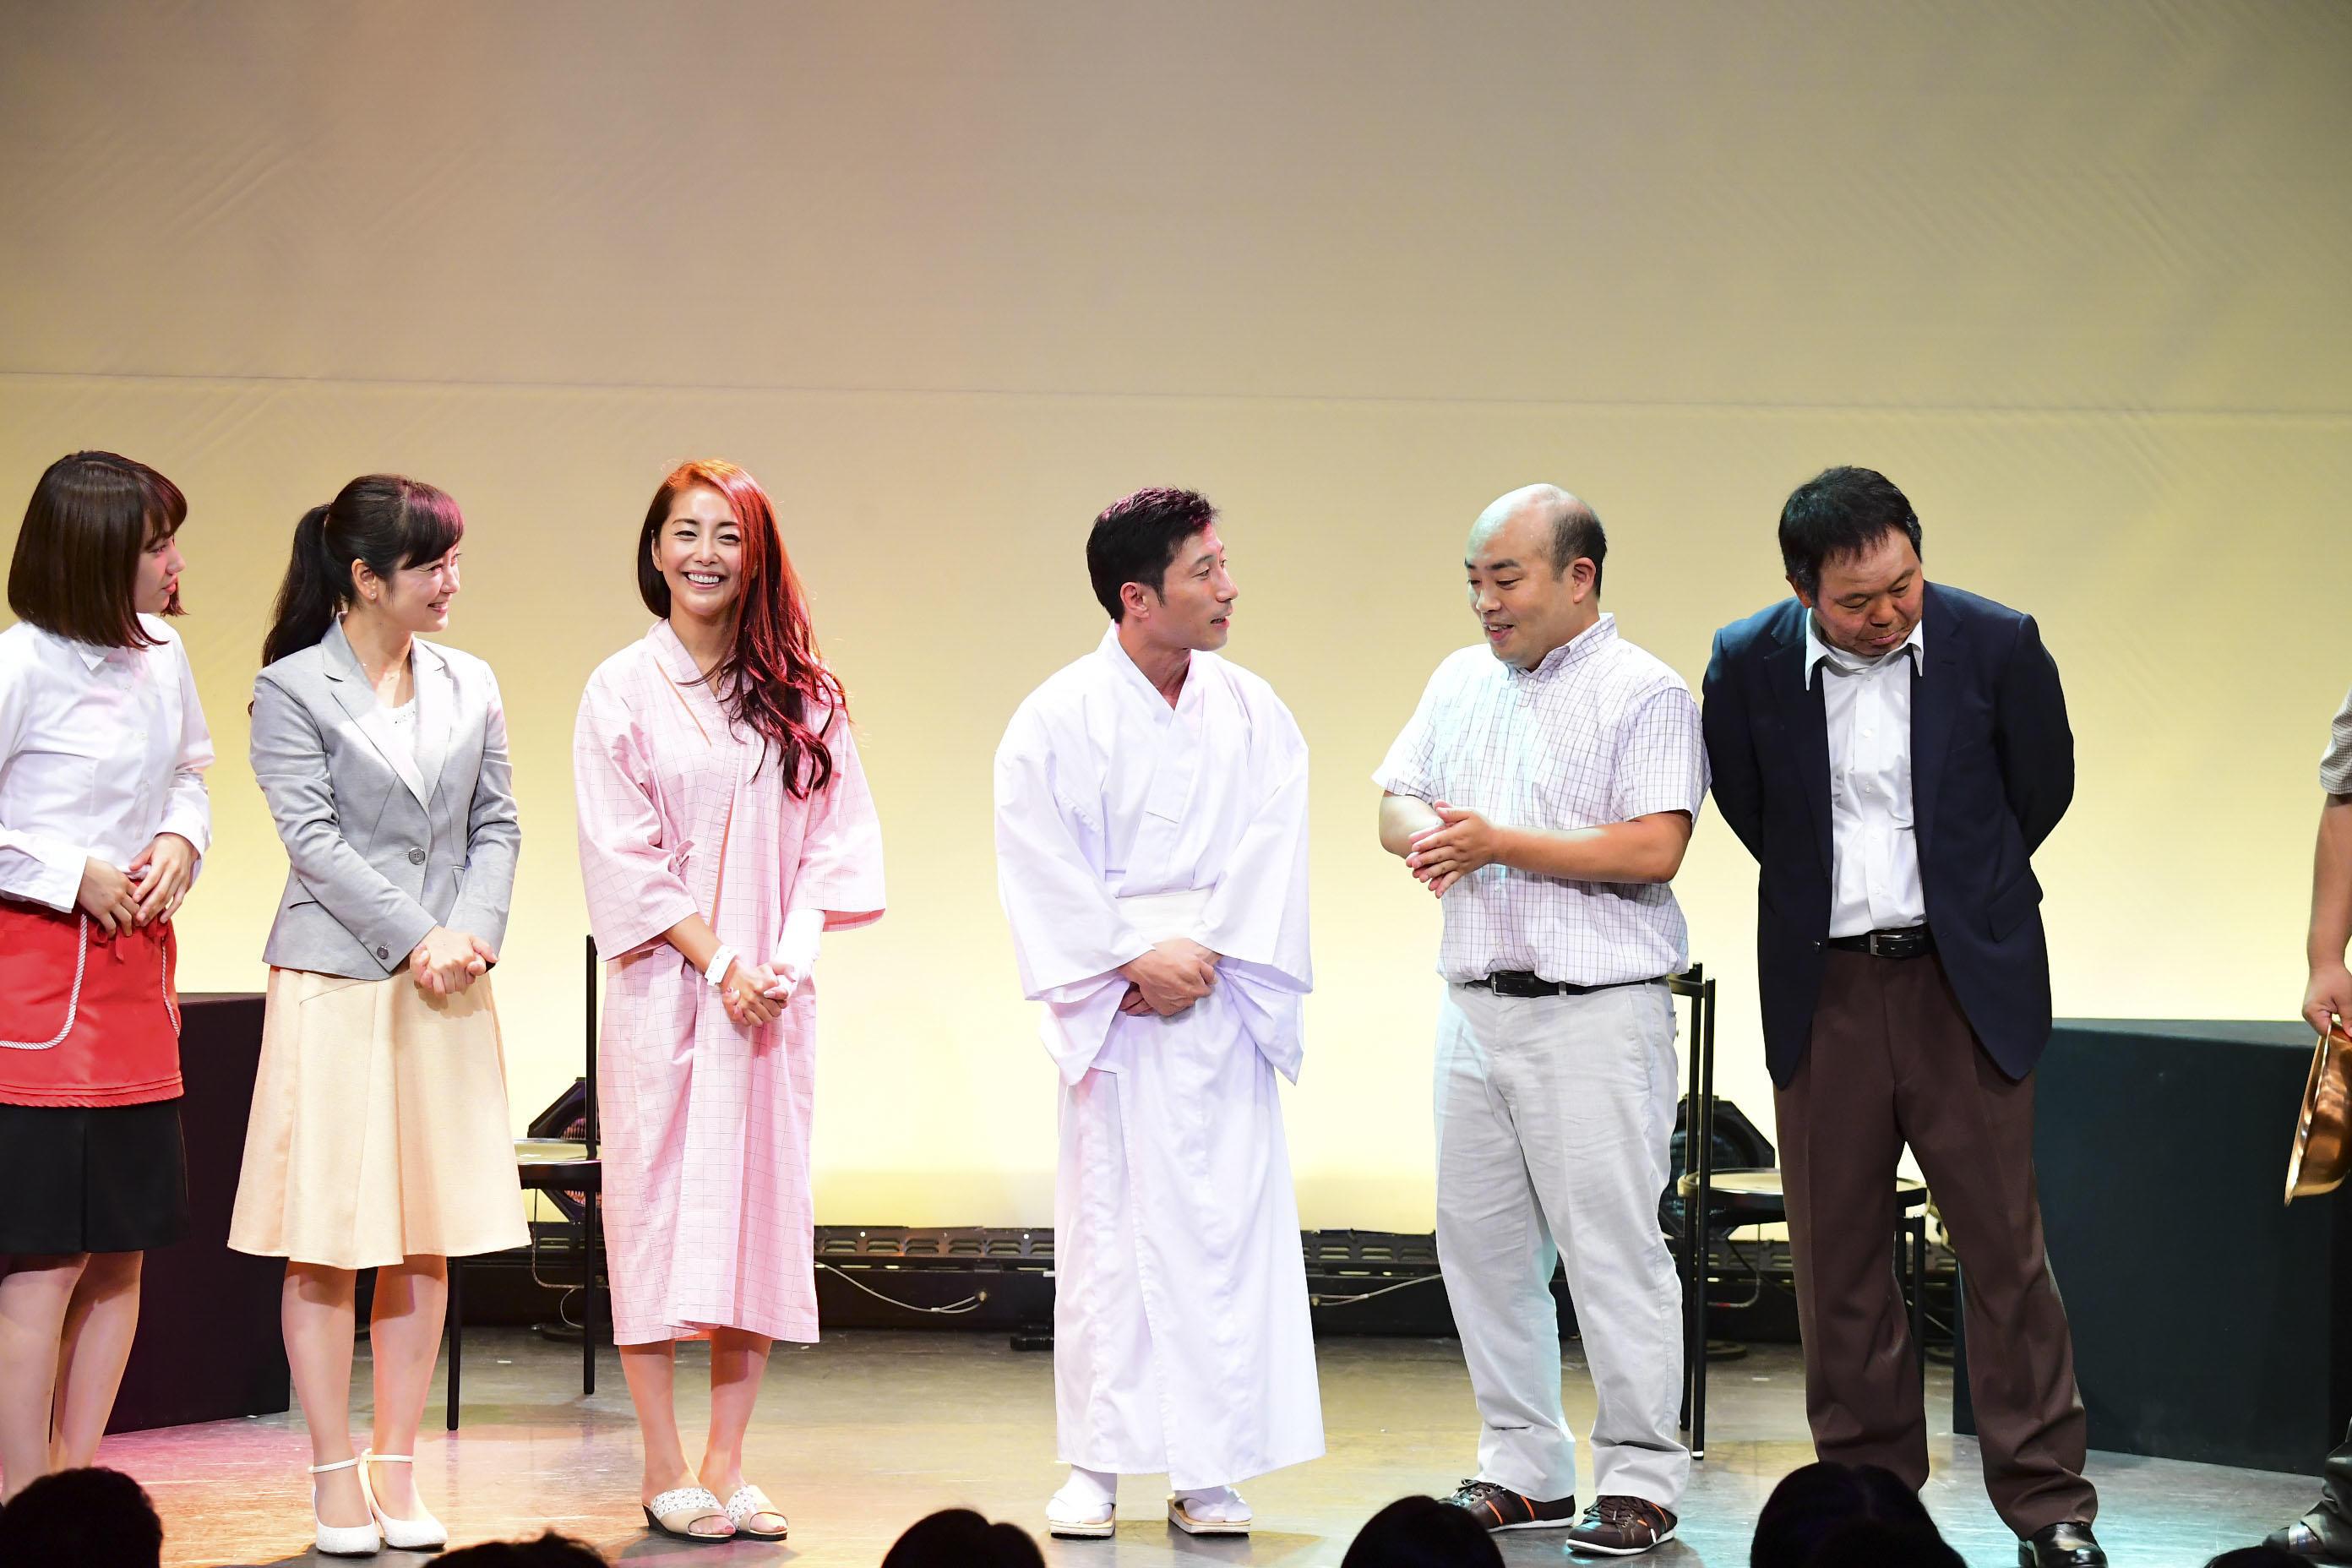 http://news.yoshimoto.co.jp/20170805013424-aa16ebf7dd6ee3e325127e0684e2d7fb59f2f9ff.jpg